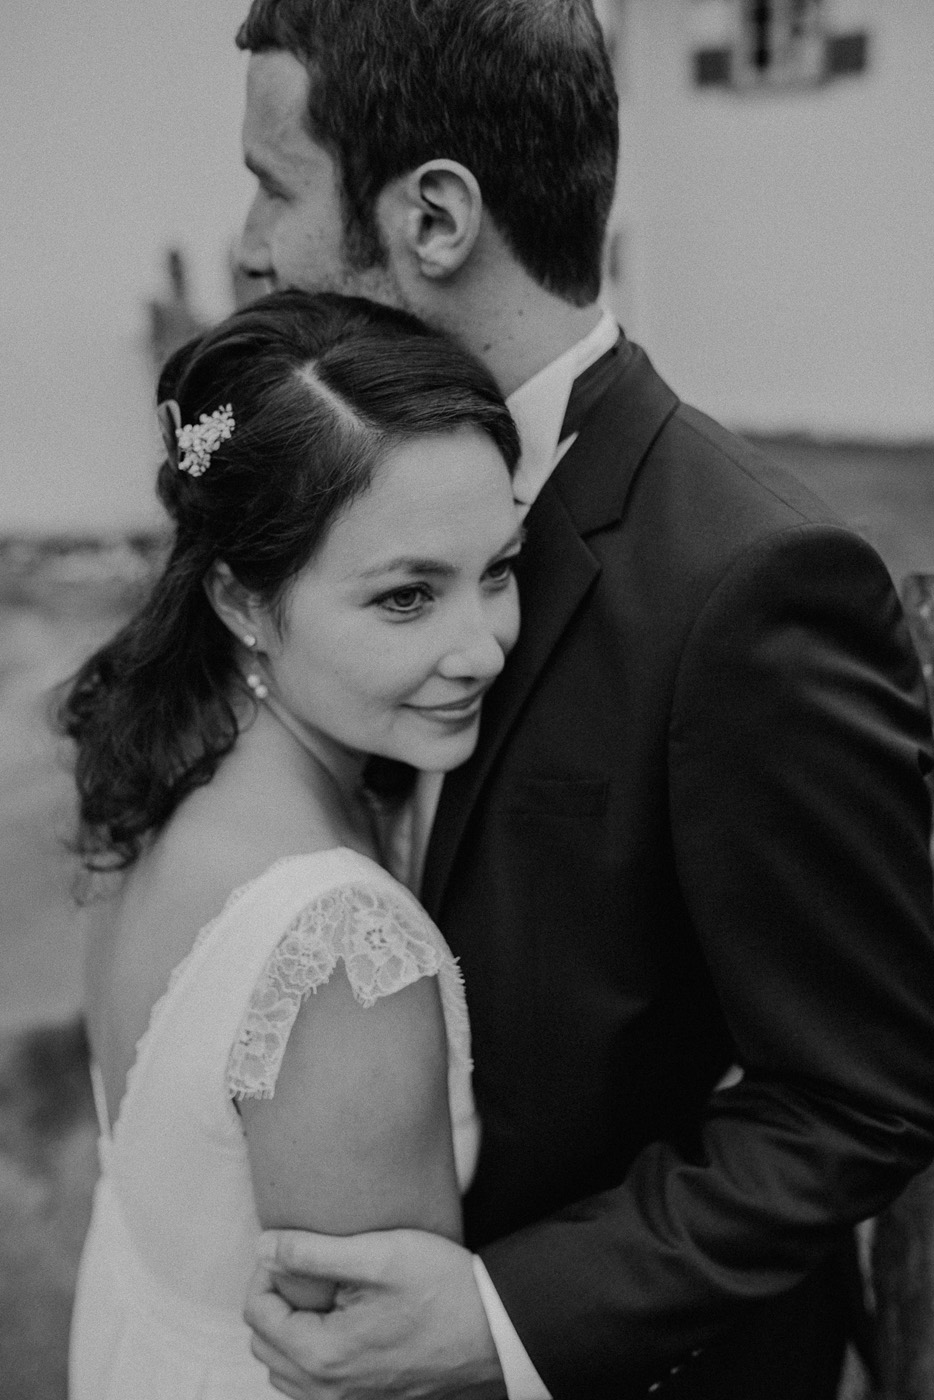 Hochzeitsfotografie und Hochzeitsbilder in Schorndorf